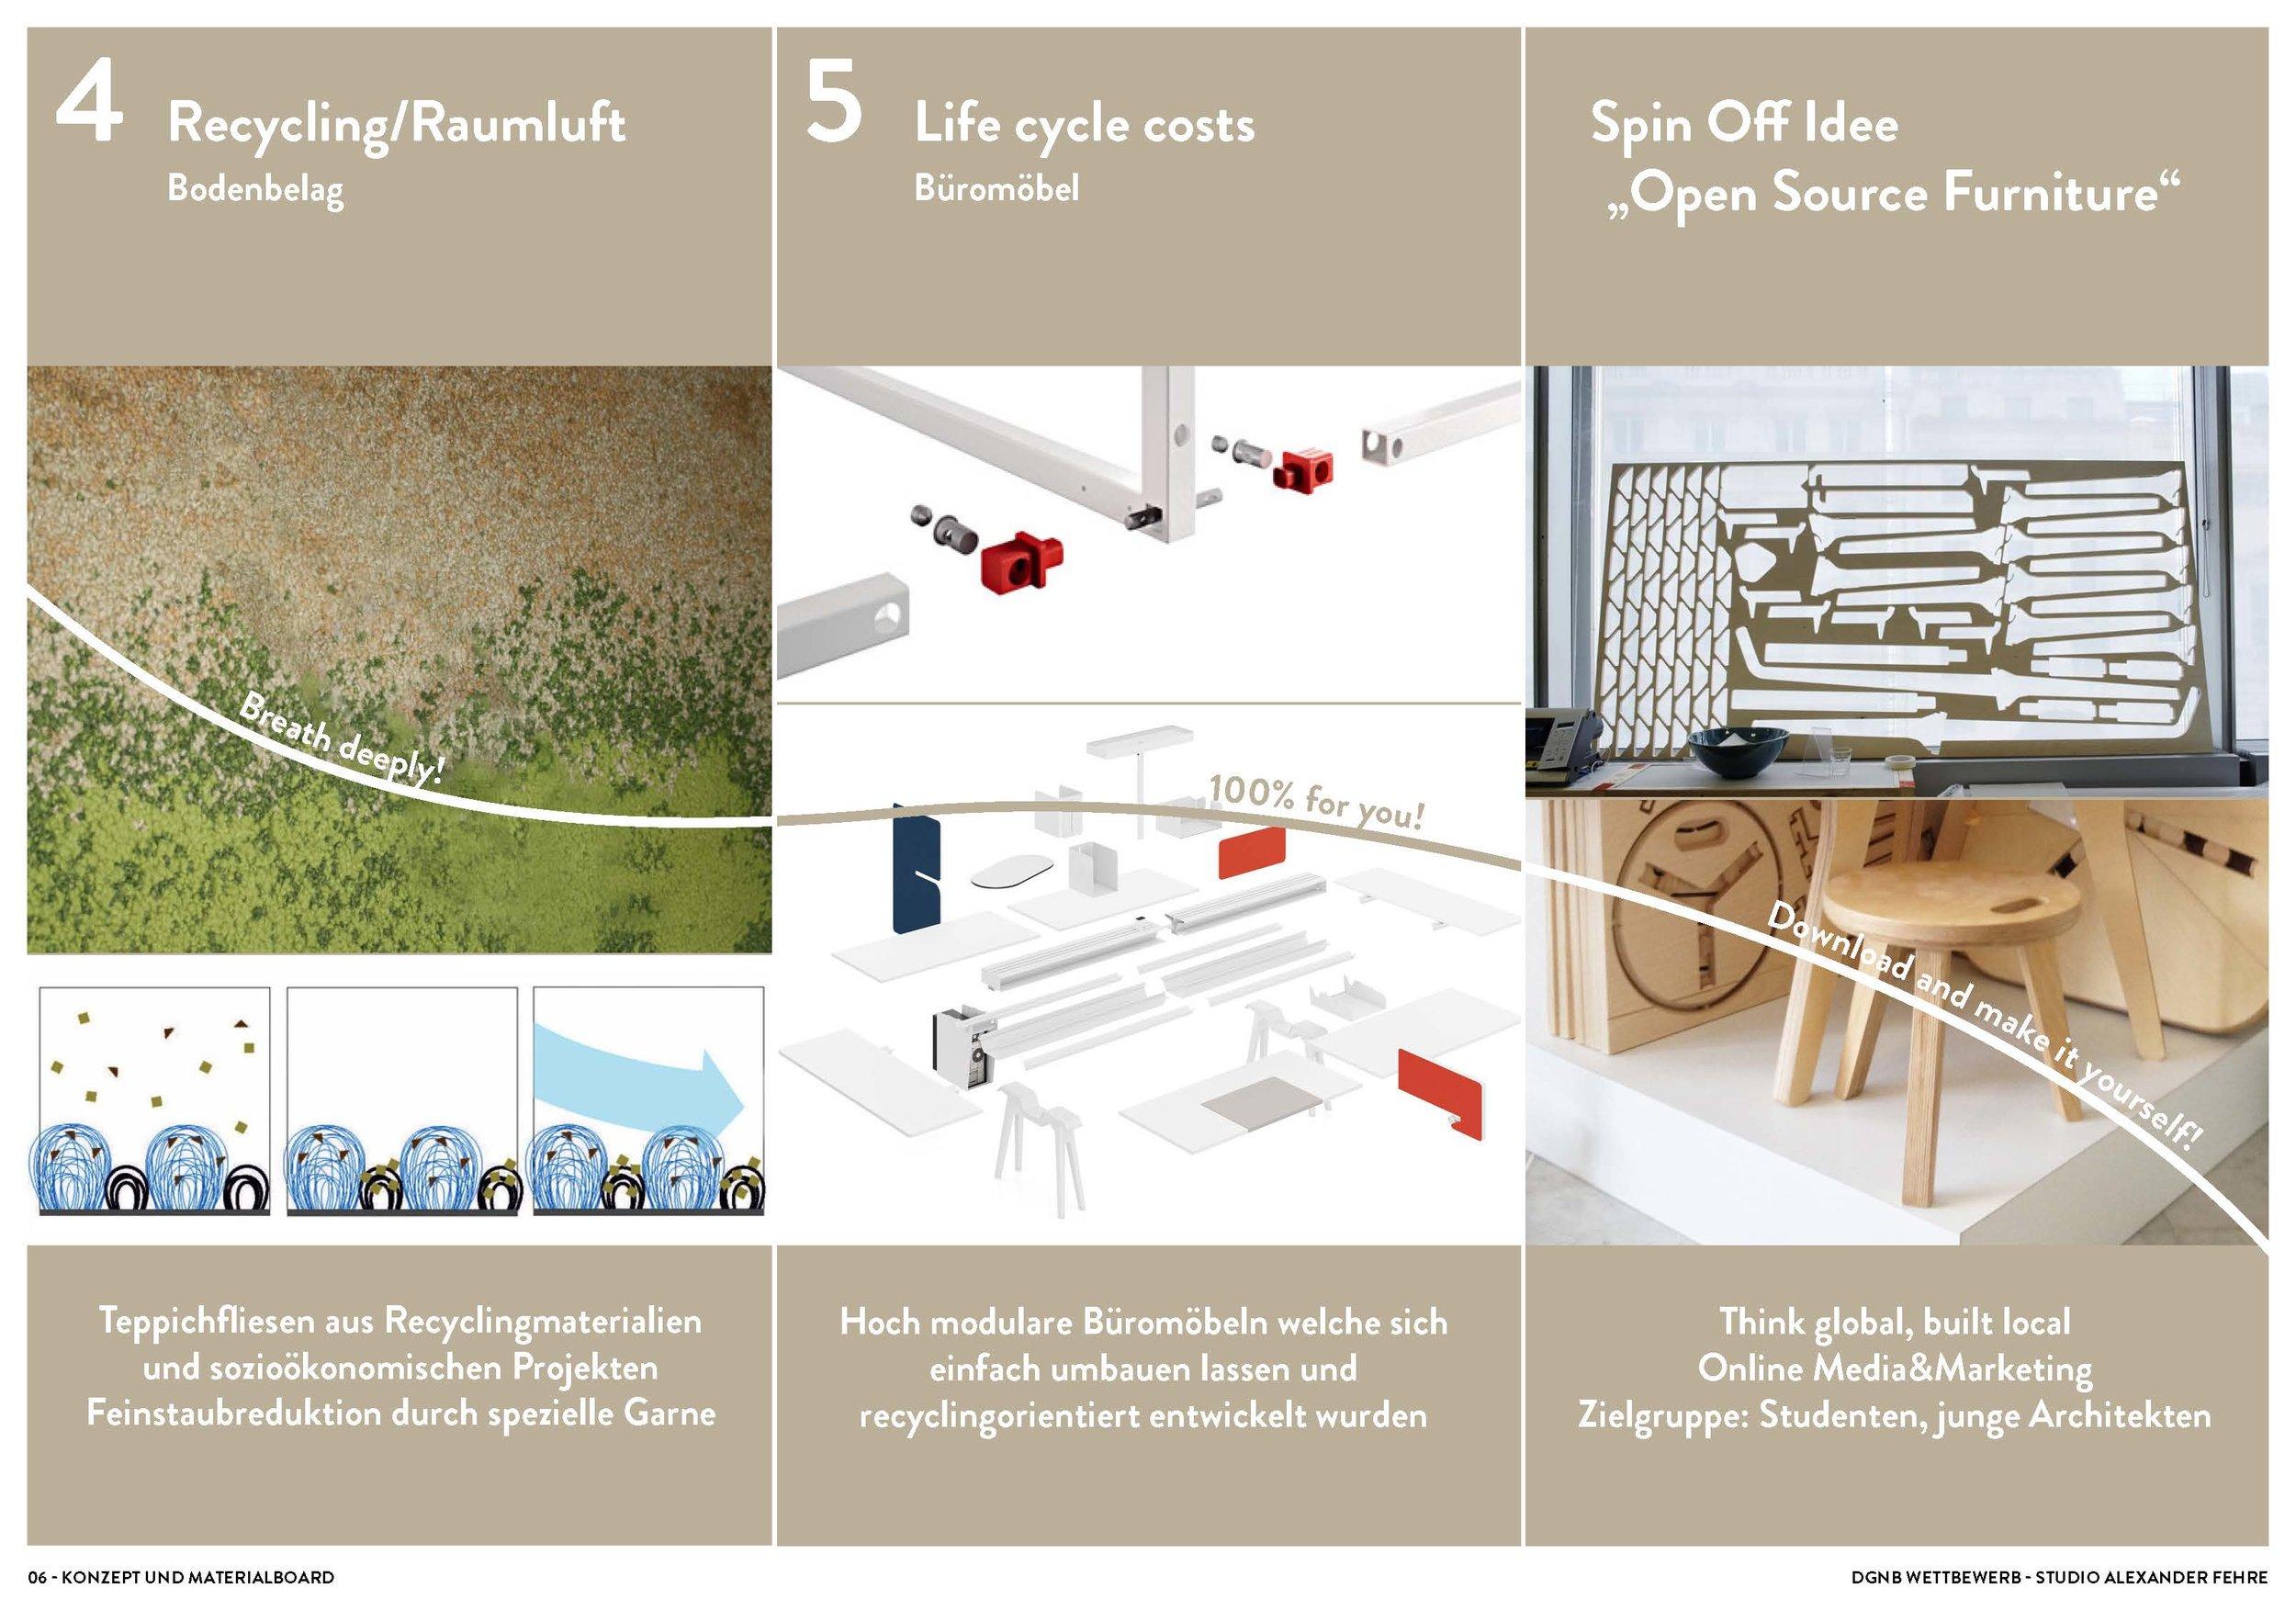 Studio Alexander Fehre - Pläne DGNB Wettbewerb - 131106_Seite_6.jpg